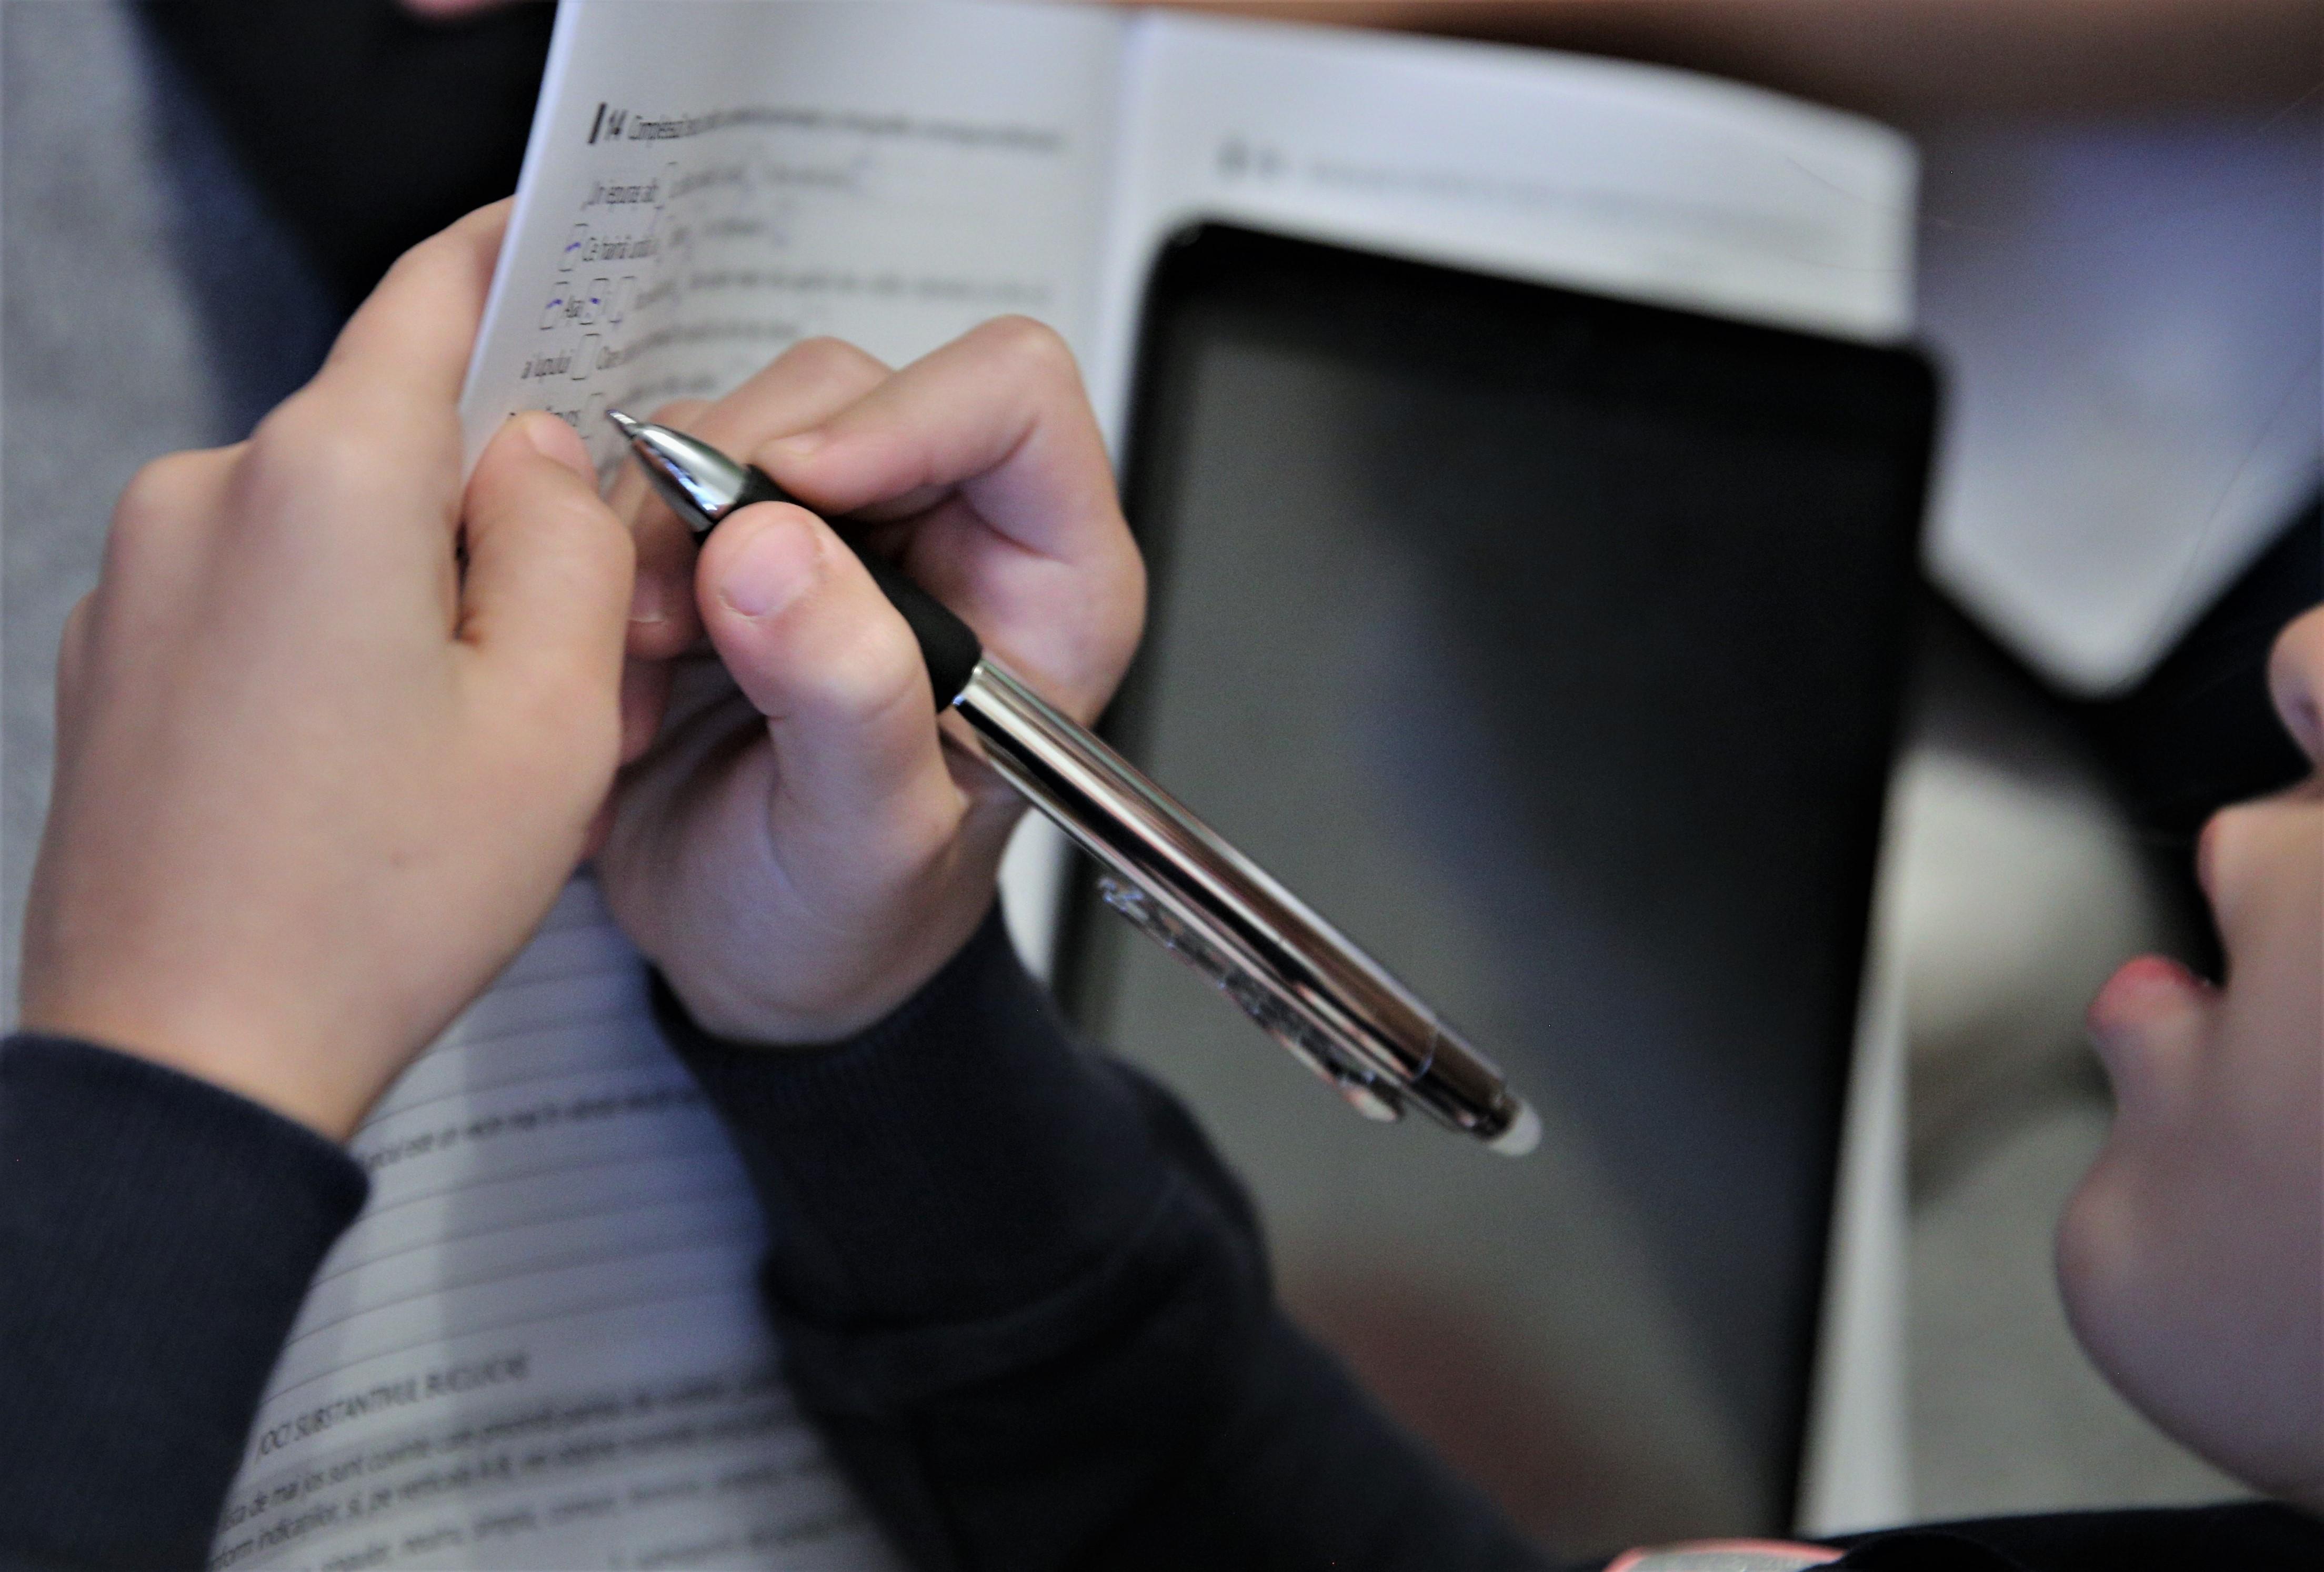 o fetită își face lecțiile cu o tabletă lângă caiet